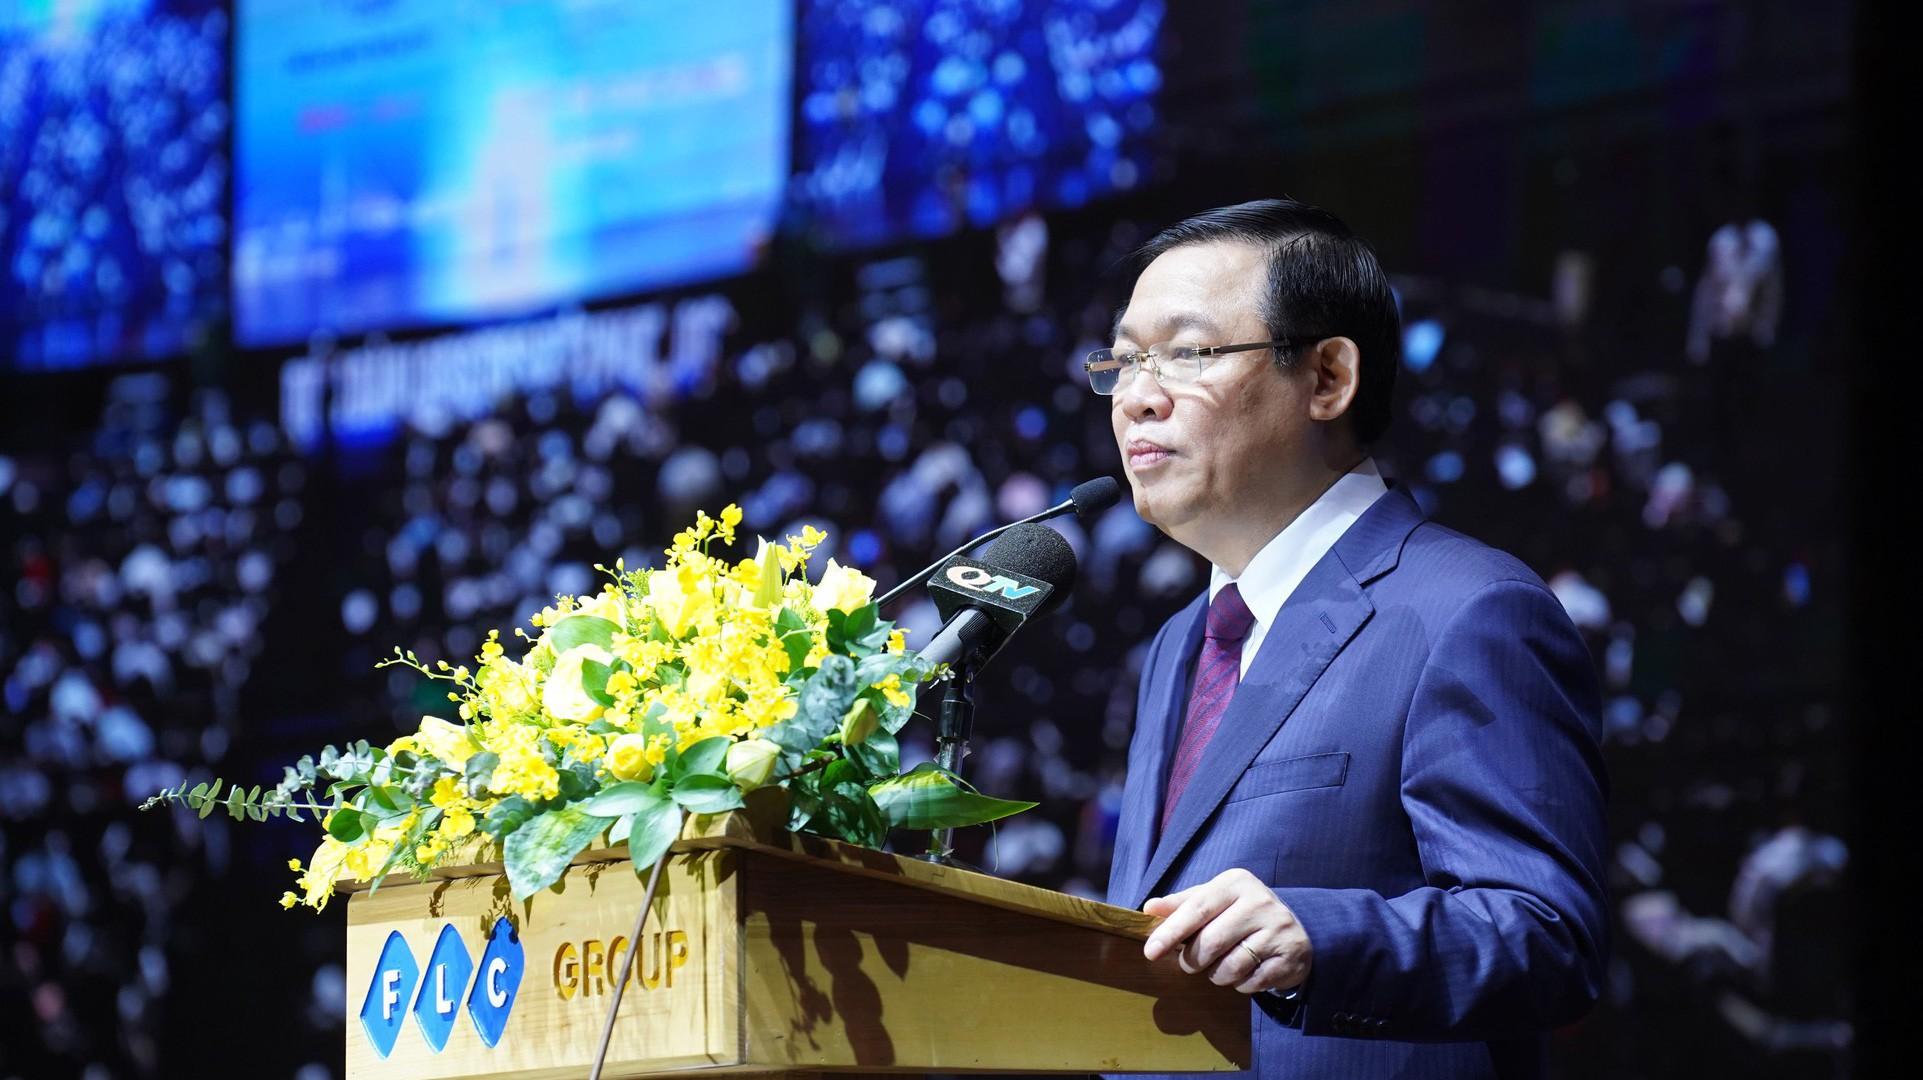 Phó thủ tướng Vương Đình Huệ phát biểu tại diễn đàn. (Ảnh: Việt Tuấn)